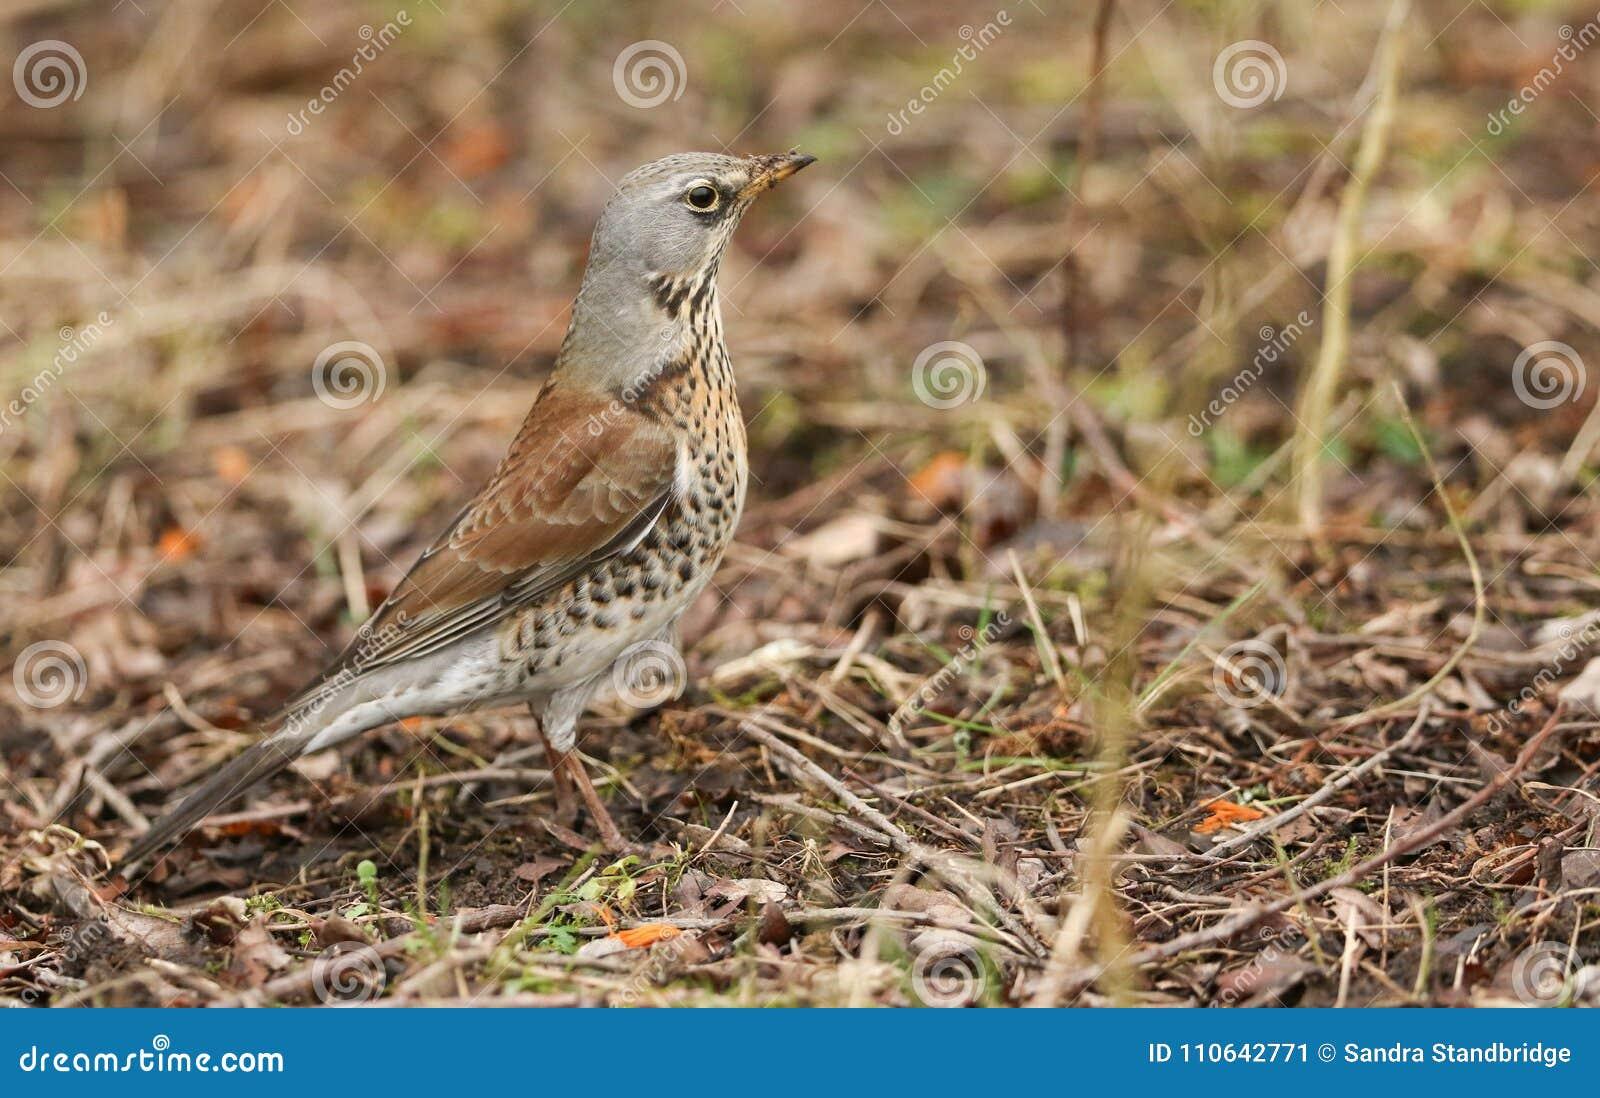 Sätta sig bedöva pilaris för en FieldfareTurdus på jordningen Det har jagat för att daggmaskar ska äta